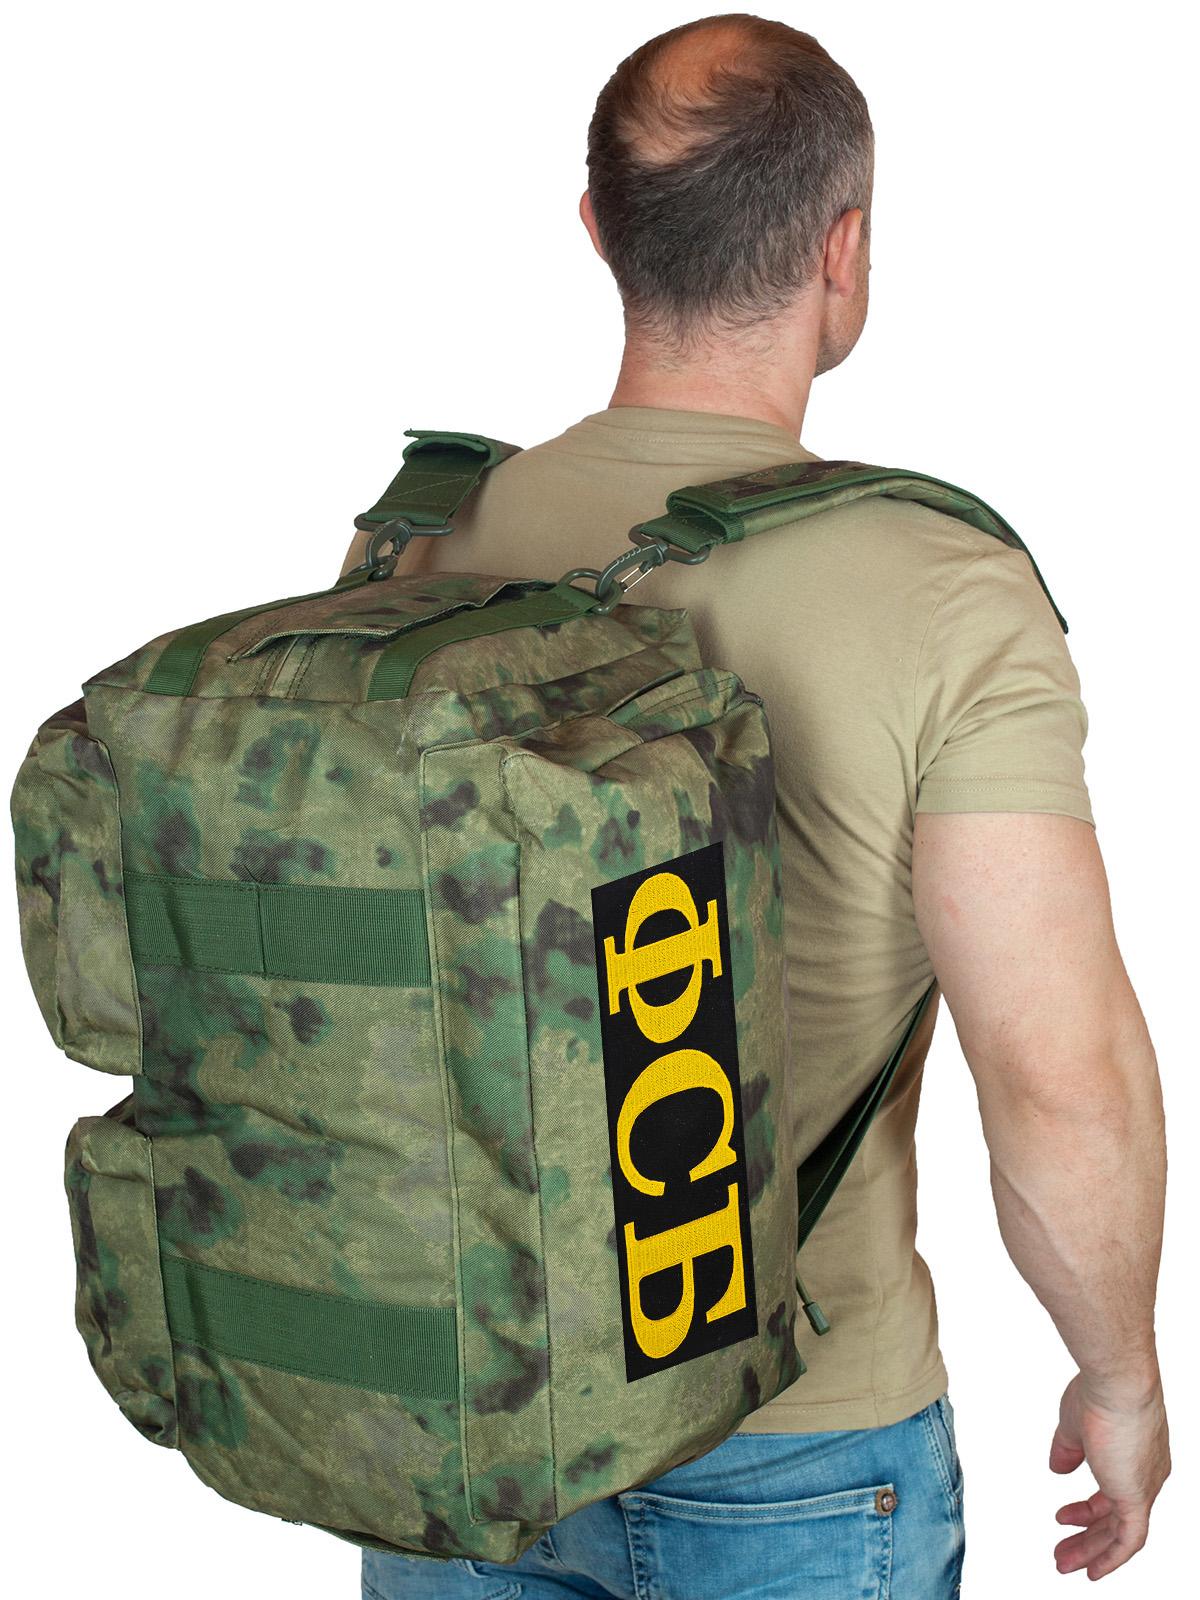 Купить камуфляжную заплечную сумку с нашивкой ФСБ по специальной цене